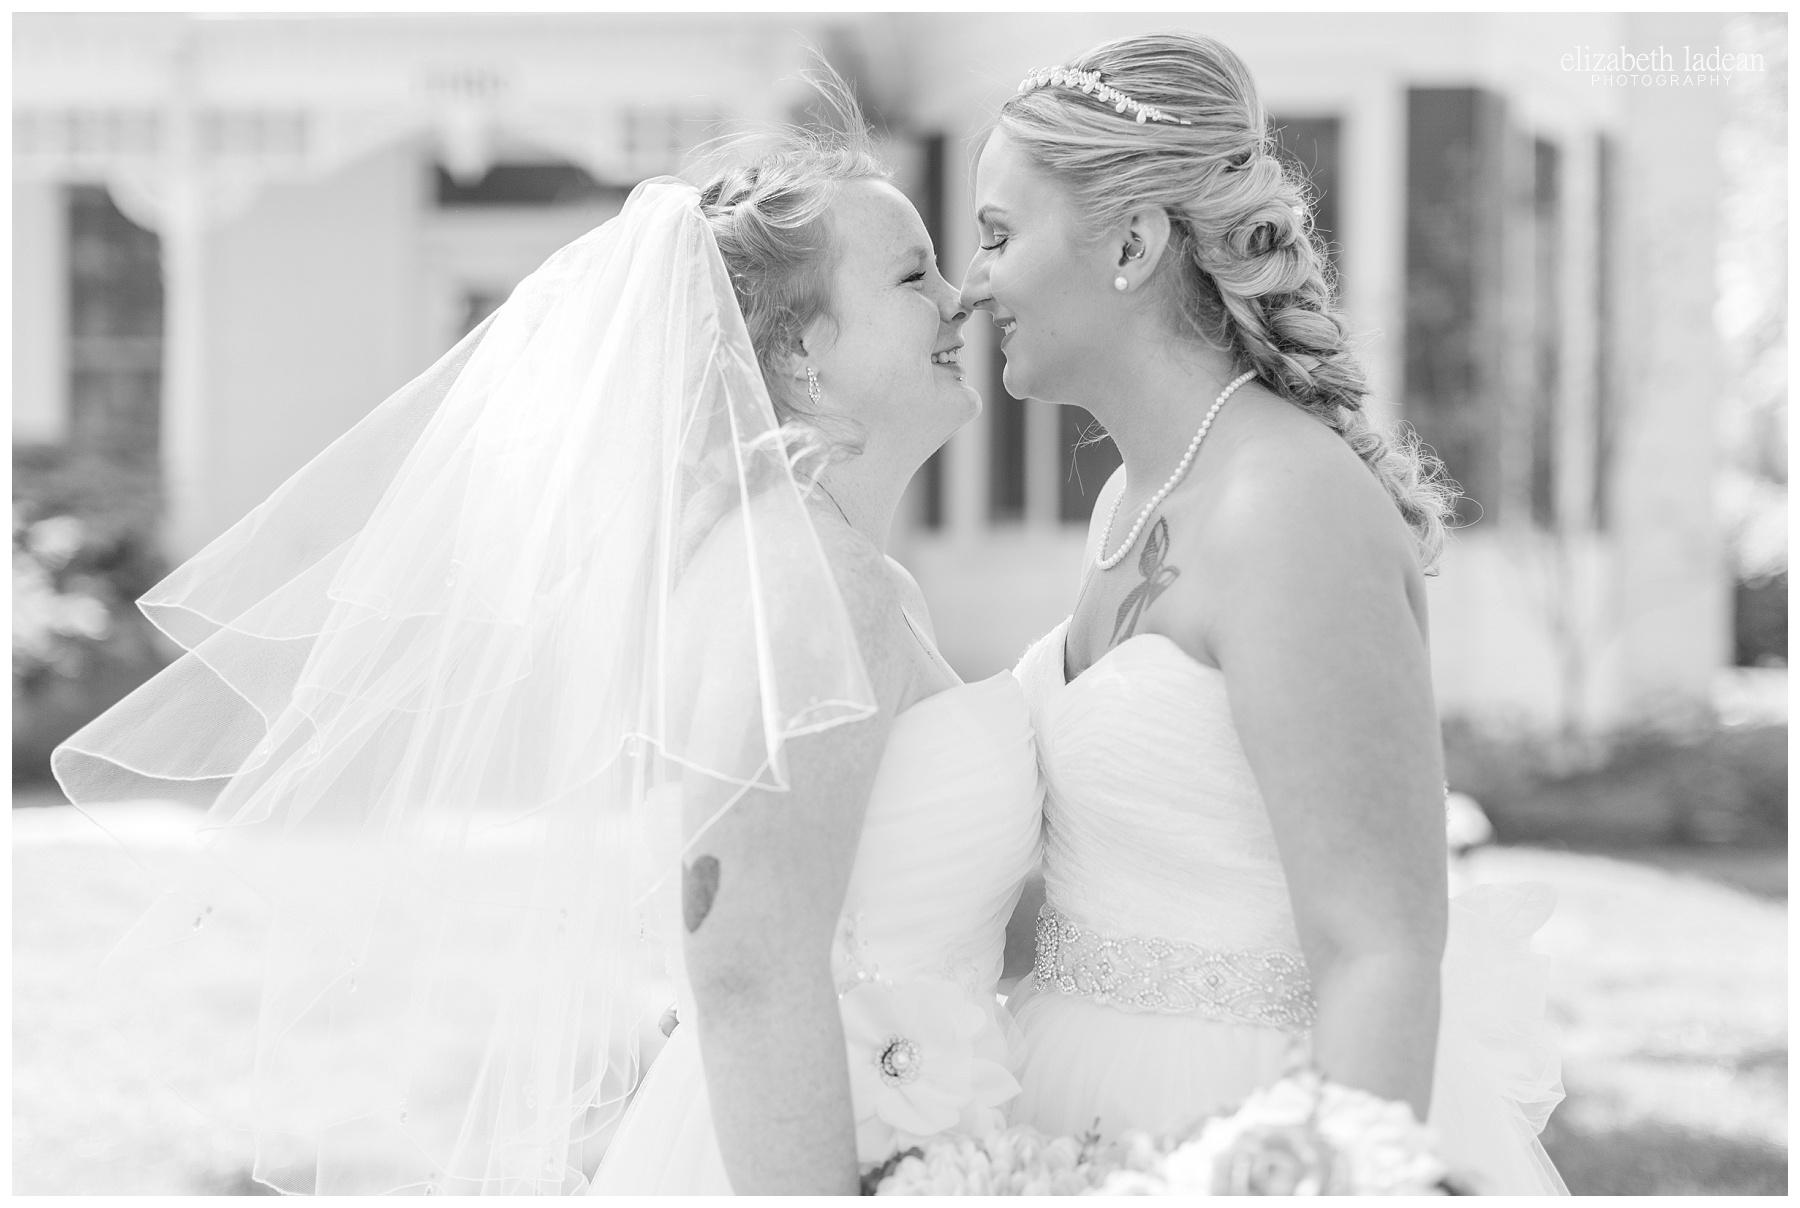 Lady wedding day